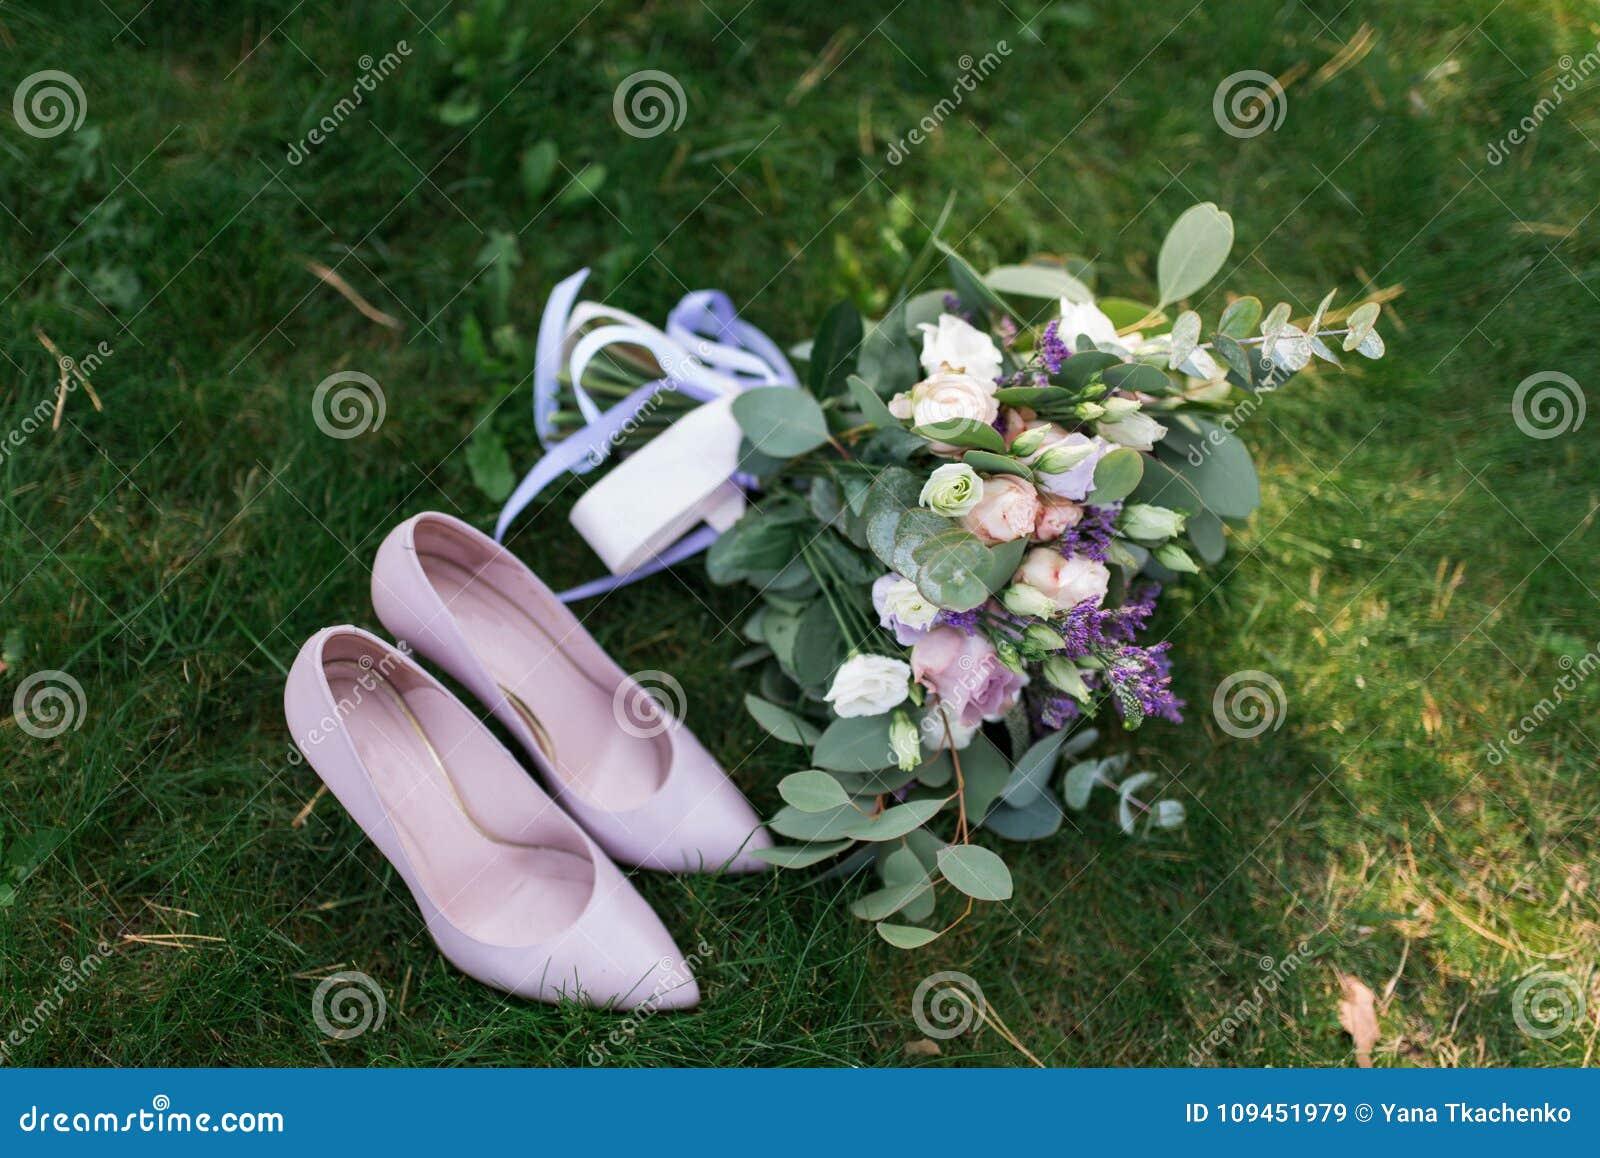 Femelles Chaussures De Mariage Avec Rose Le Mode Bouquet K1TcJ3u5Fl